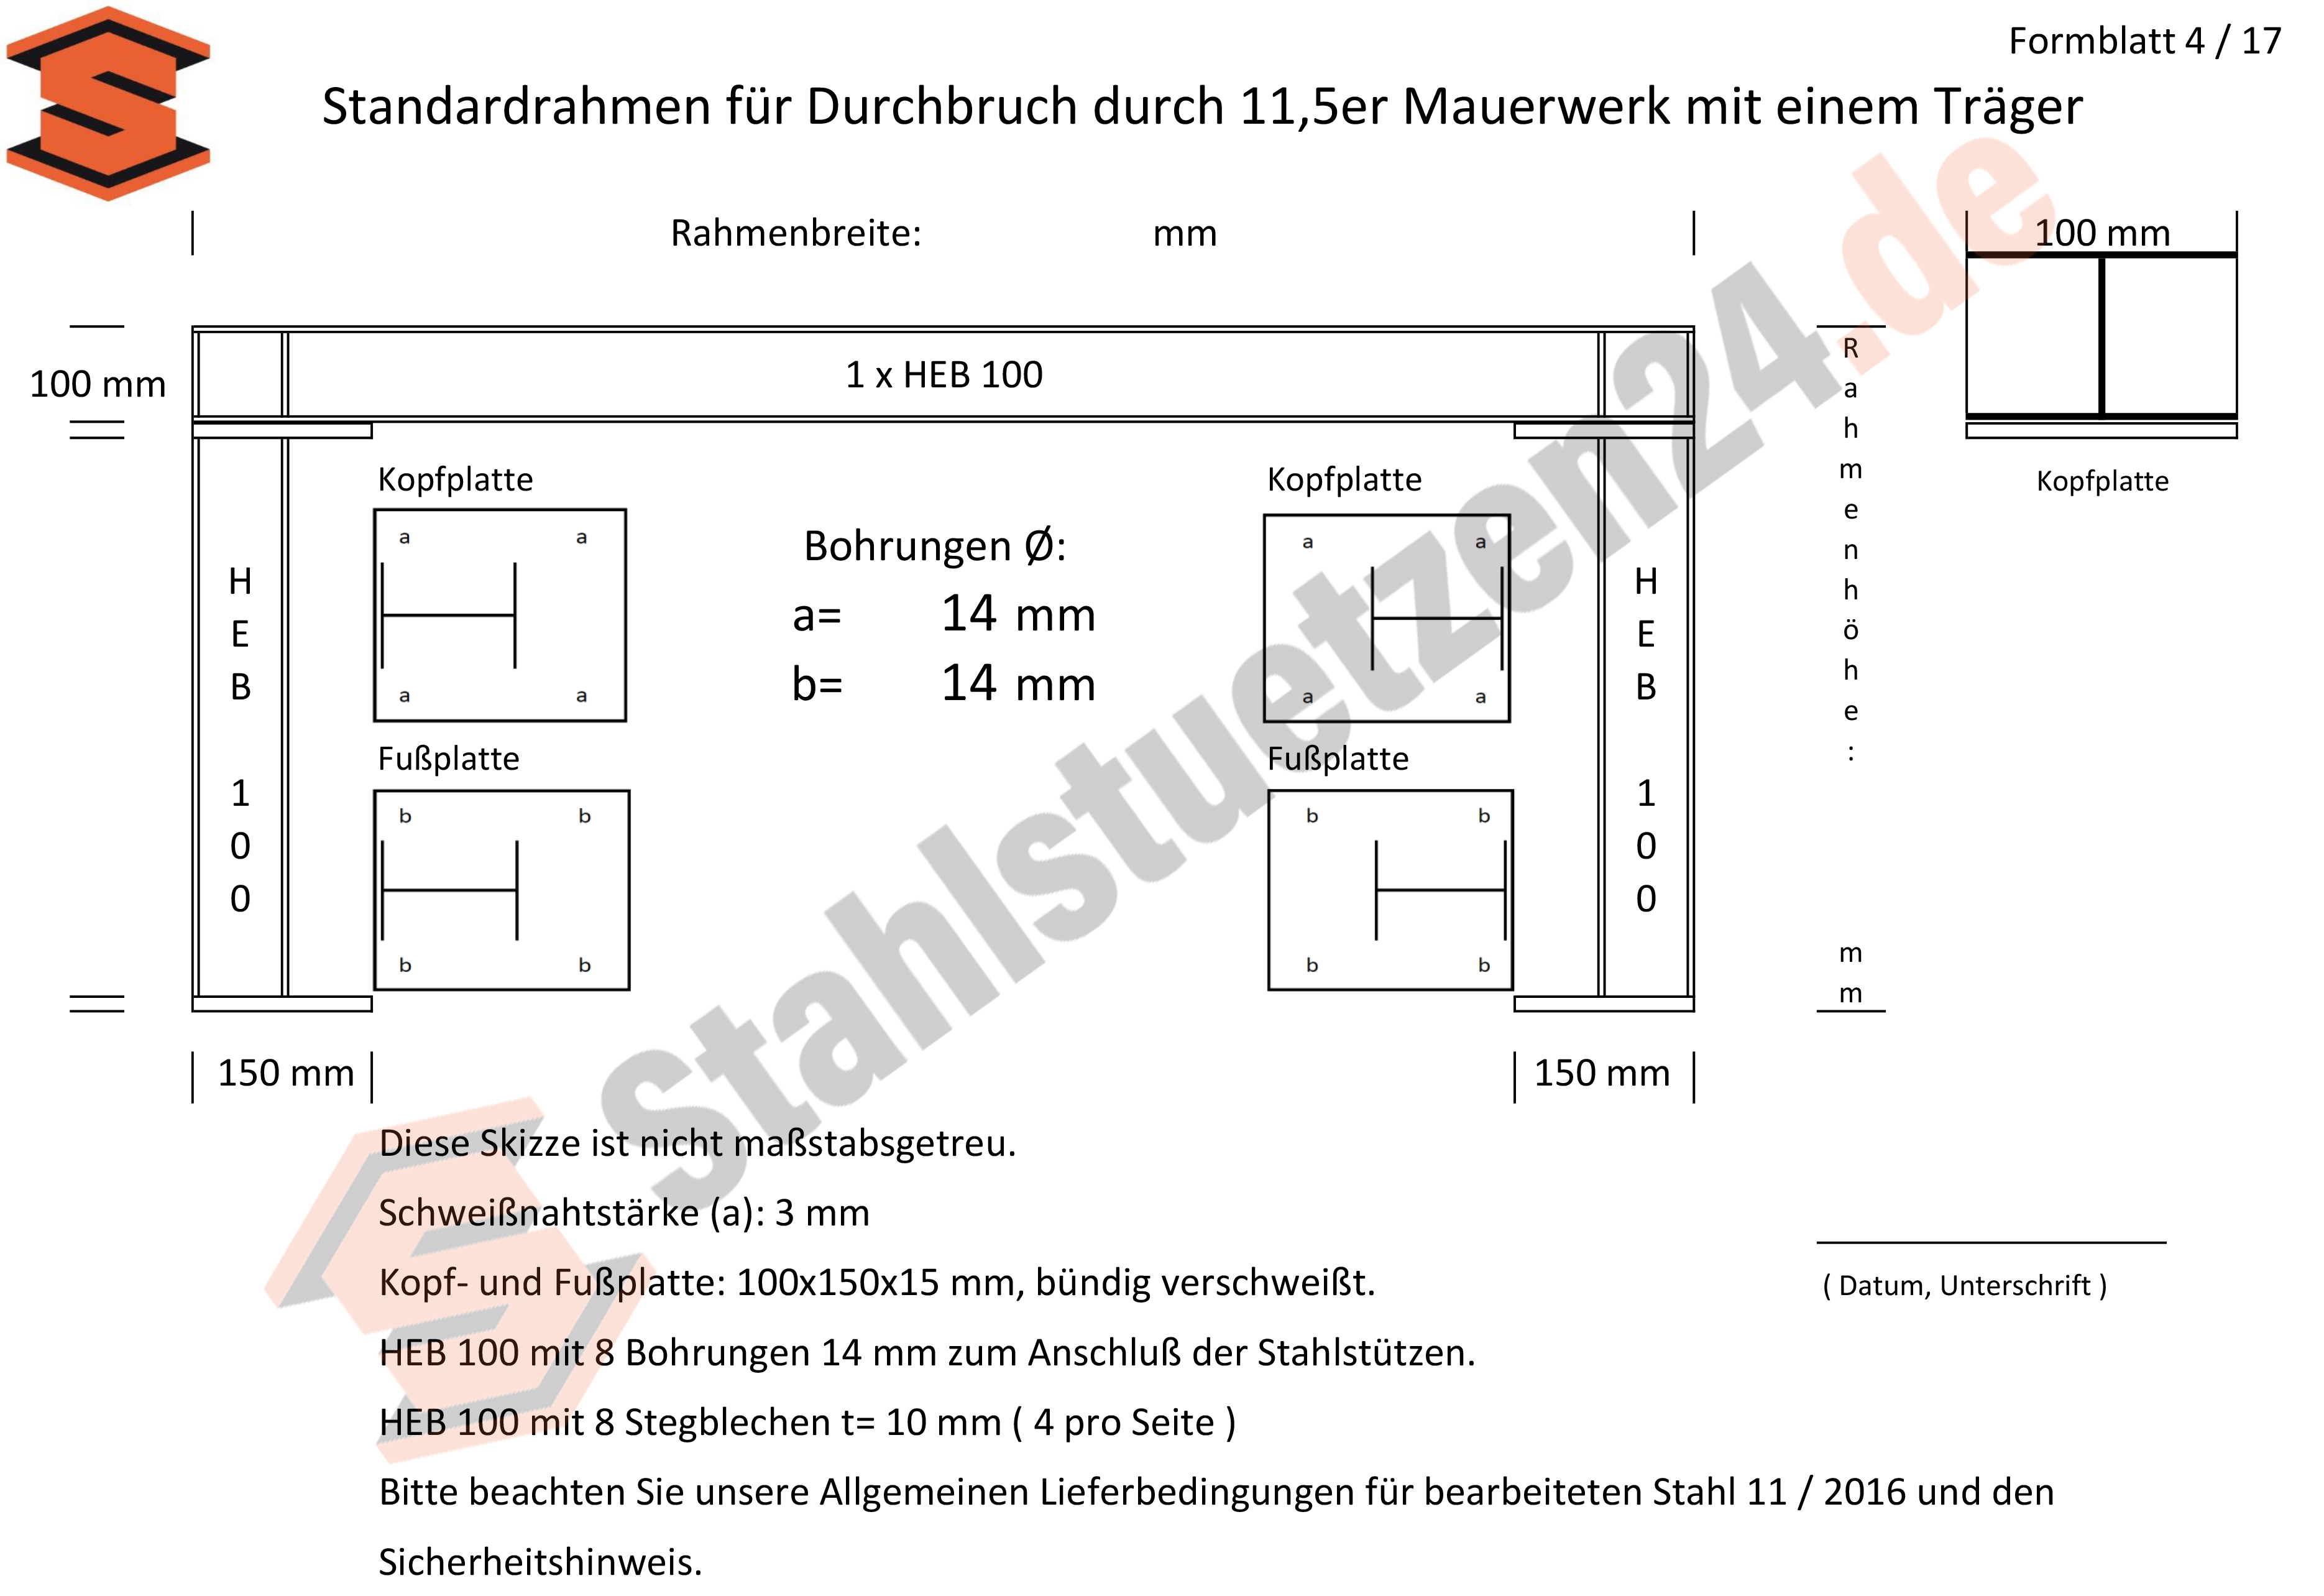 Konstruktionshilfe - Standardrahmen für Durchbruch durch 11,5er Mauerwerk mit einem Träger